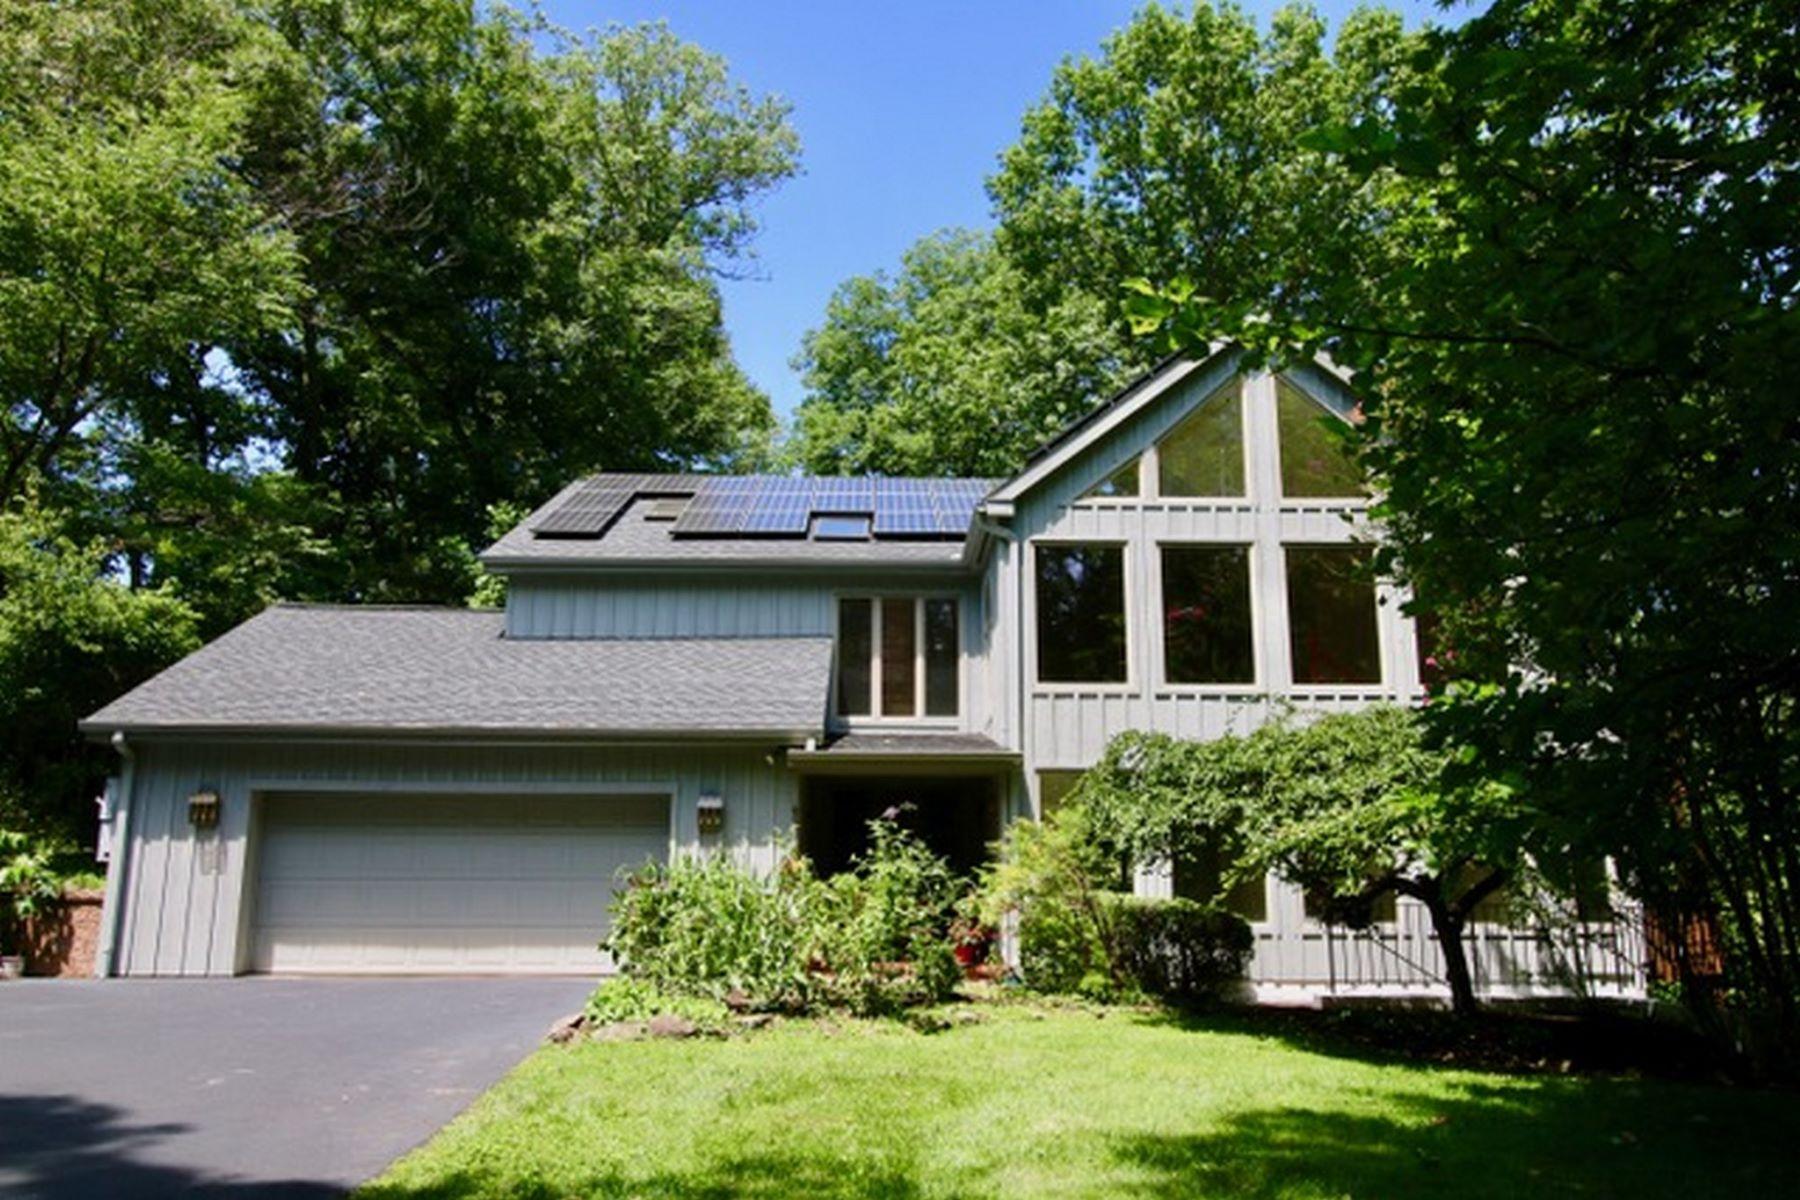 Villa per Vendita alle ore 16 Foxhill Ln., Greenville, DE 19807 16 Foxhill Lane, Greenville, Delaware 19807 Stati Uniti